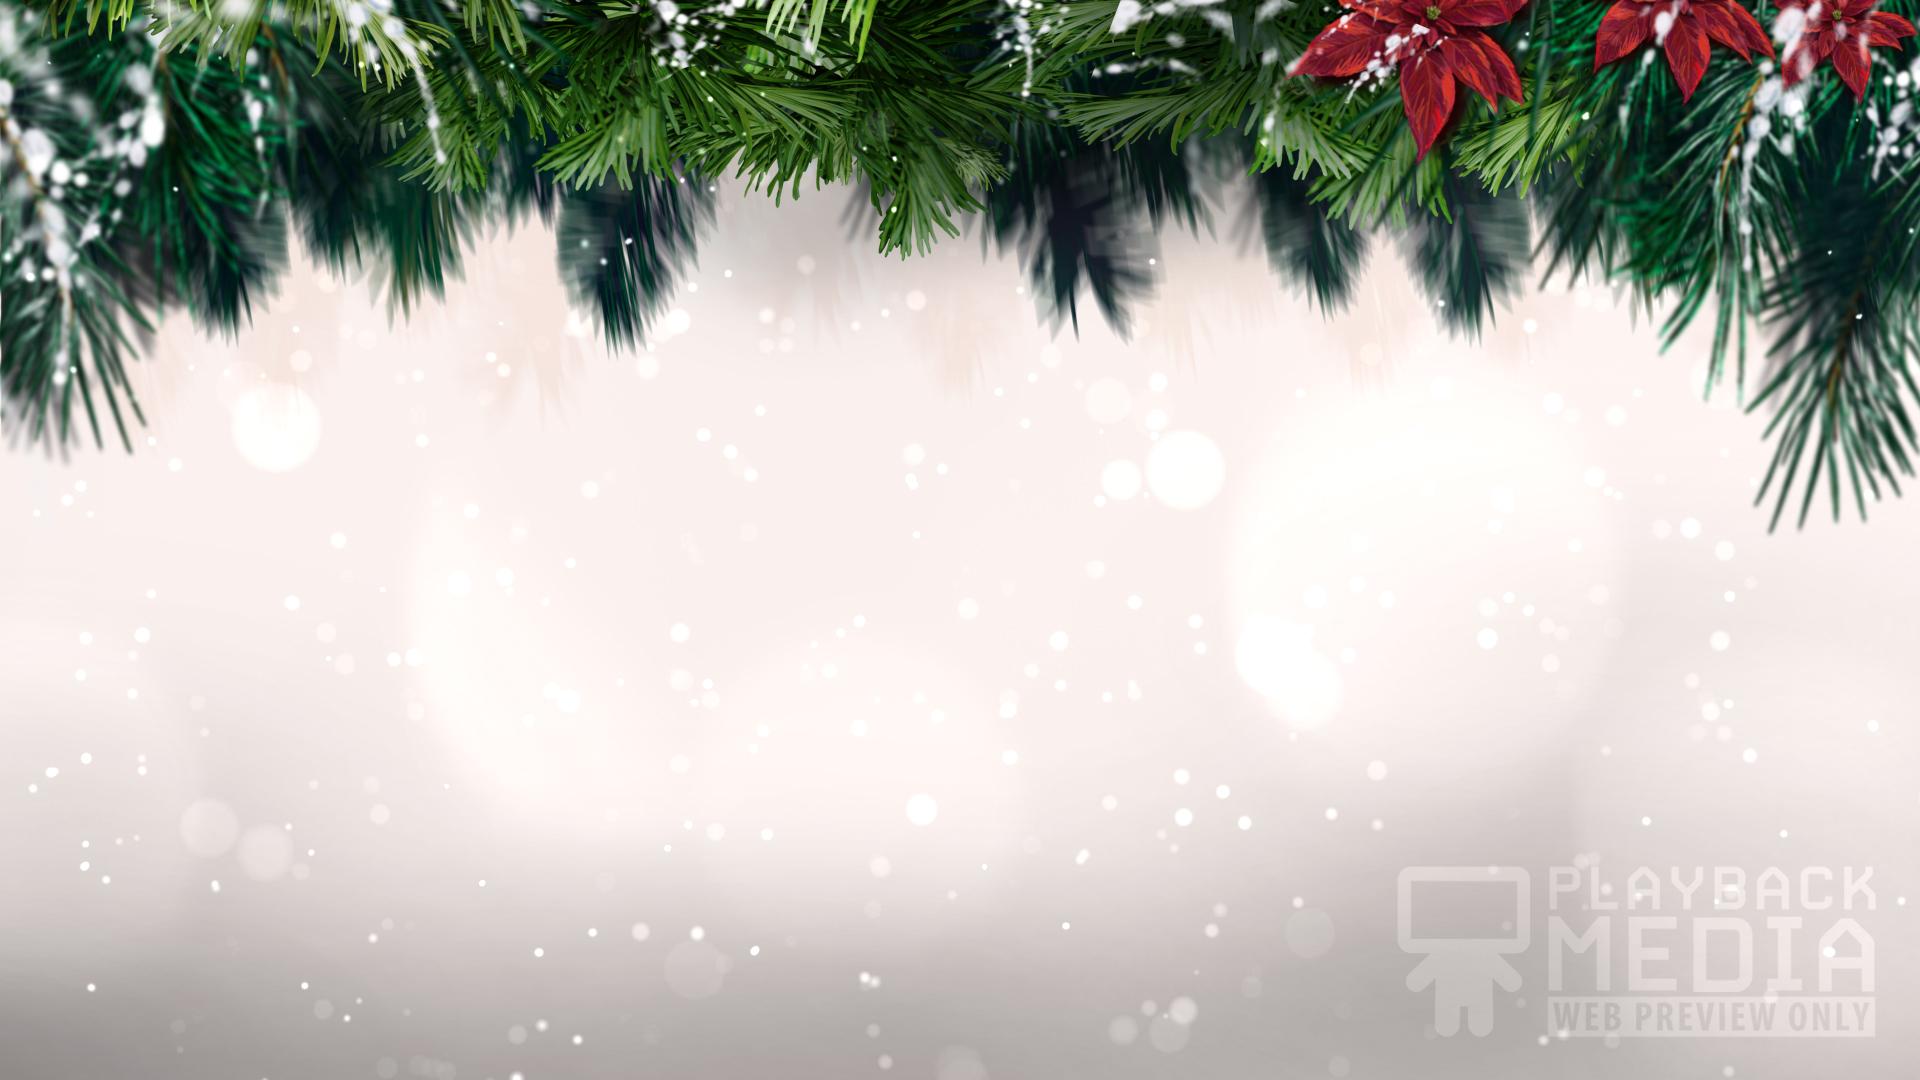 Christmas Carol Motion 6 Image